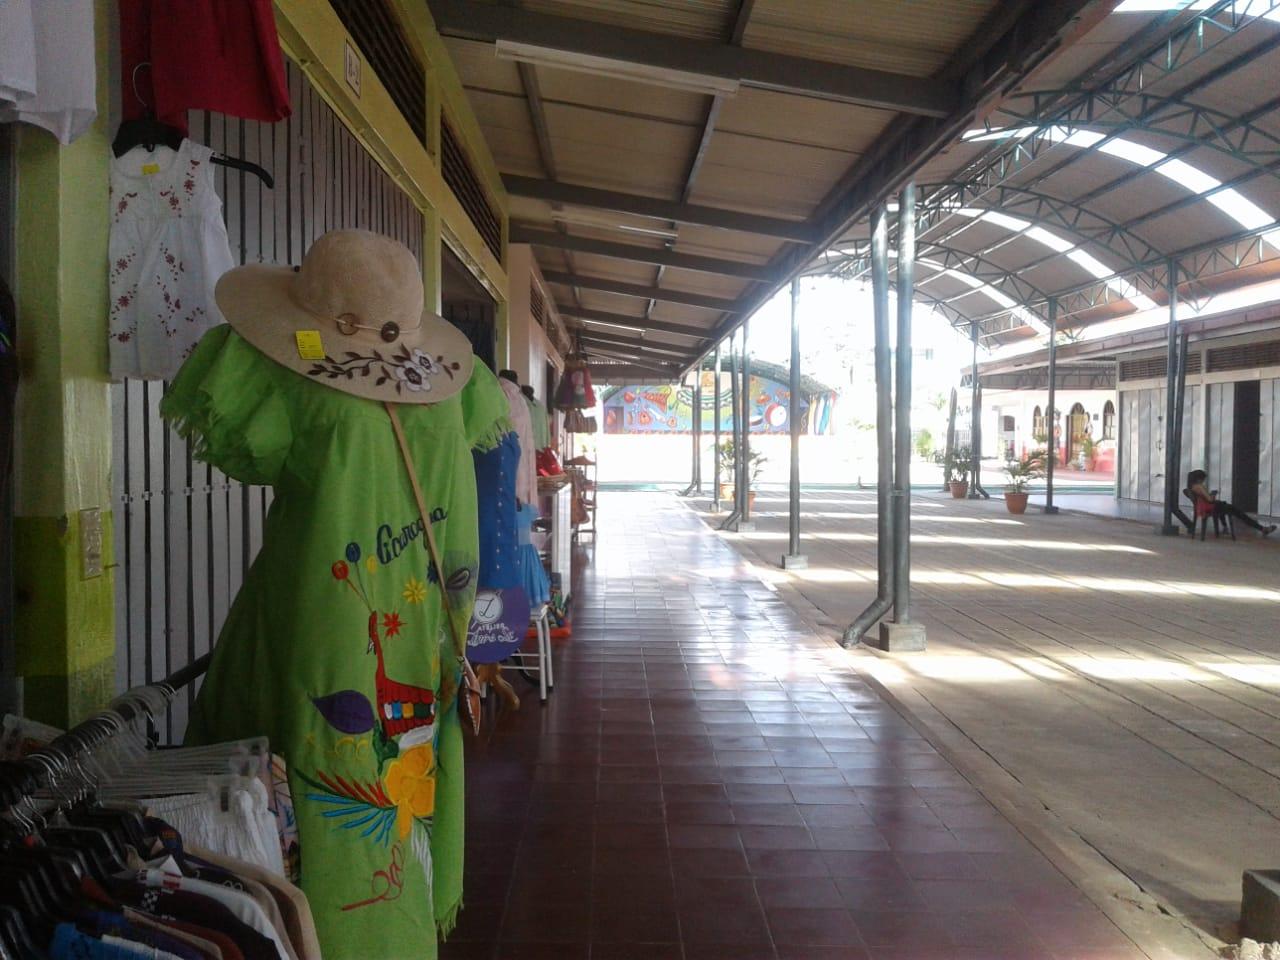 Desolación en el mercado de artesanías de Masaya por falta de turistas. Foto: N. Miranda / Artículo 66